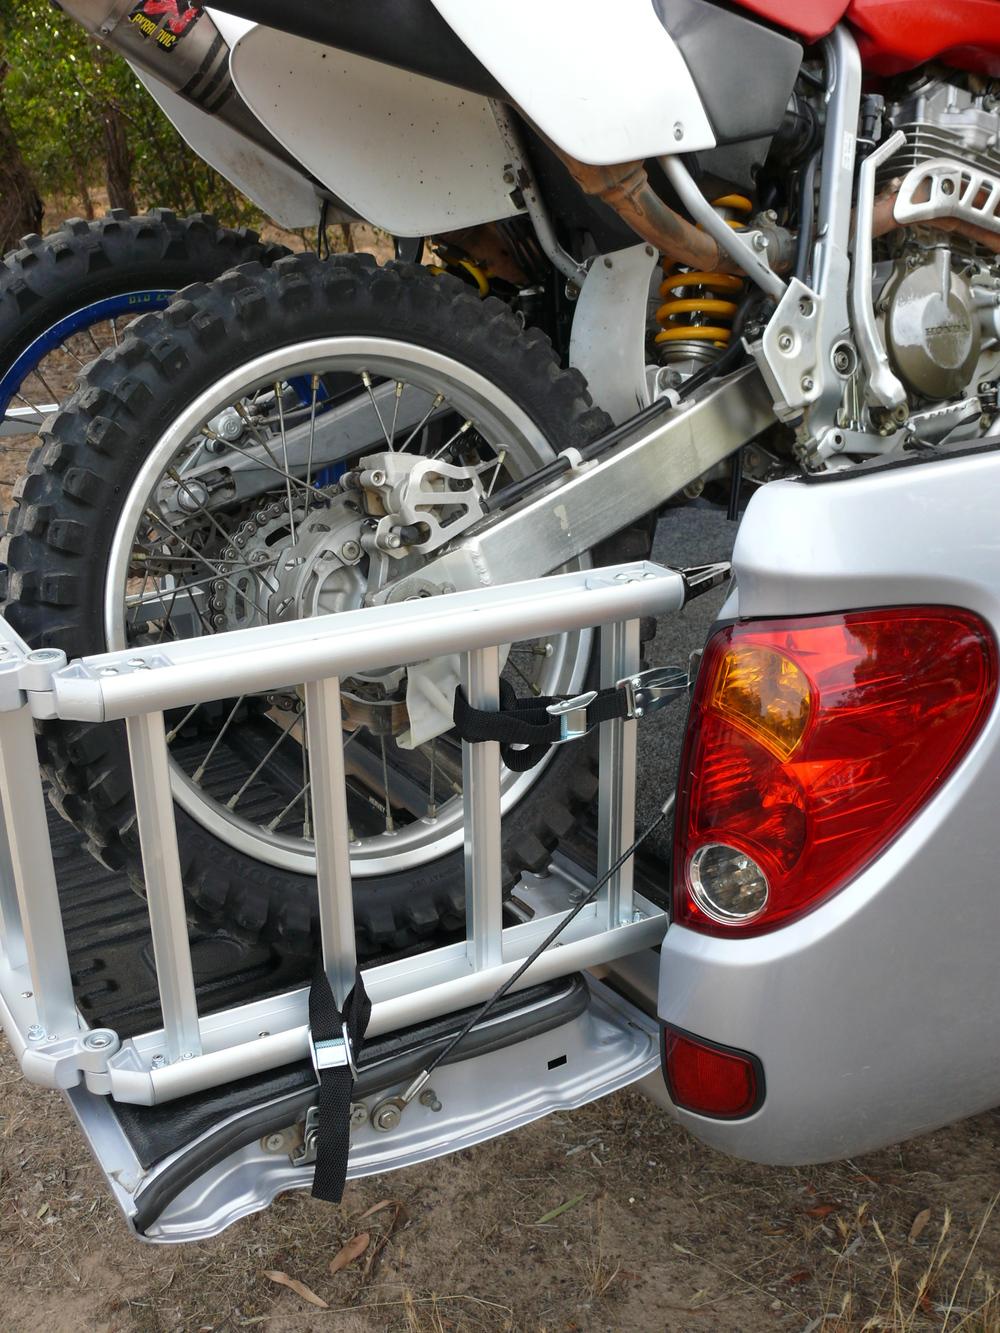 ReadyRamp as extender on Mitsubishi Triton with two dirtbikes